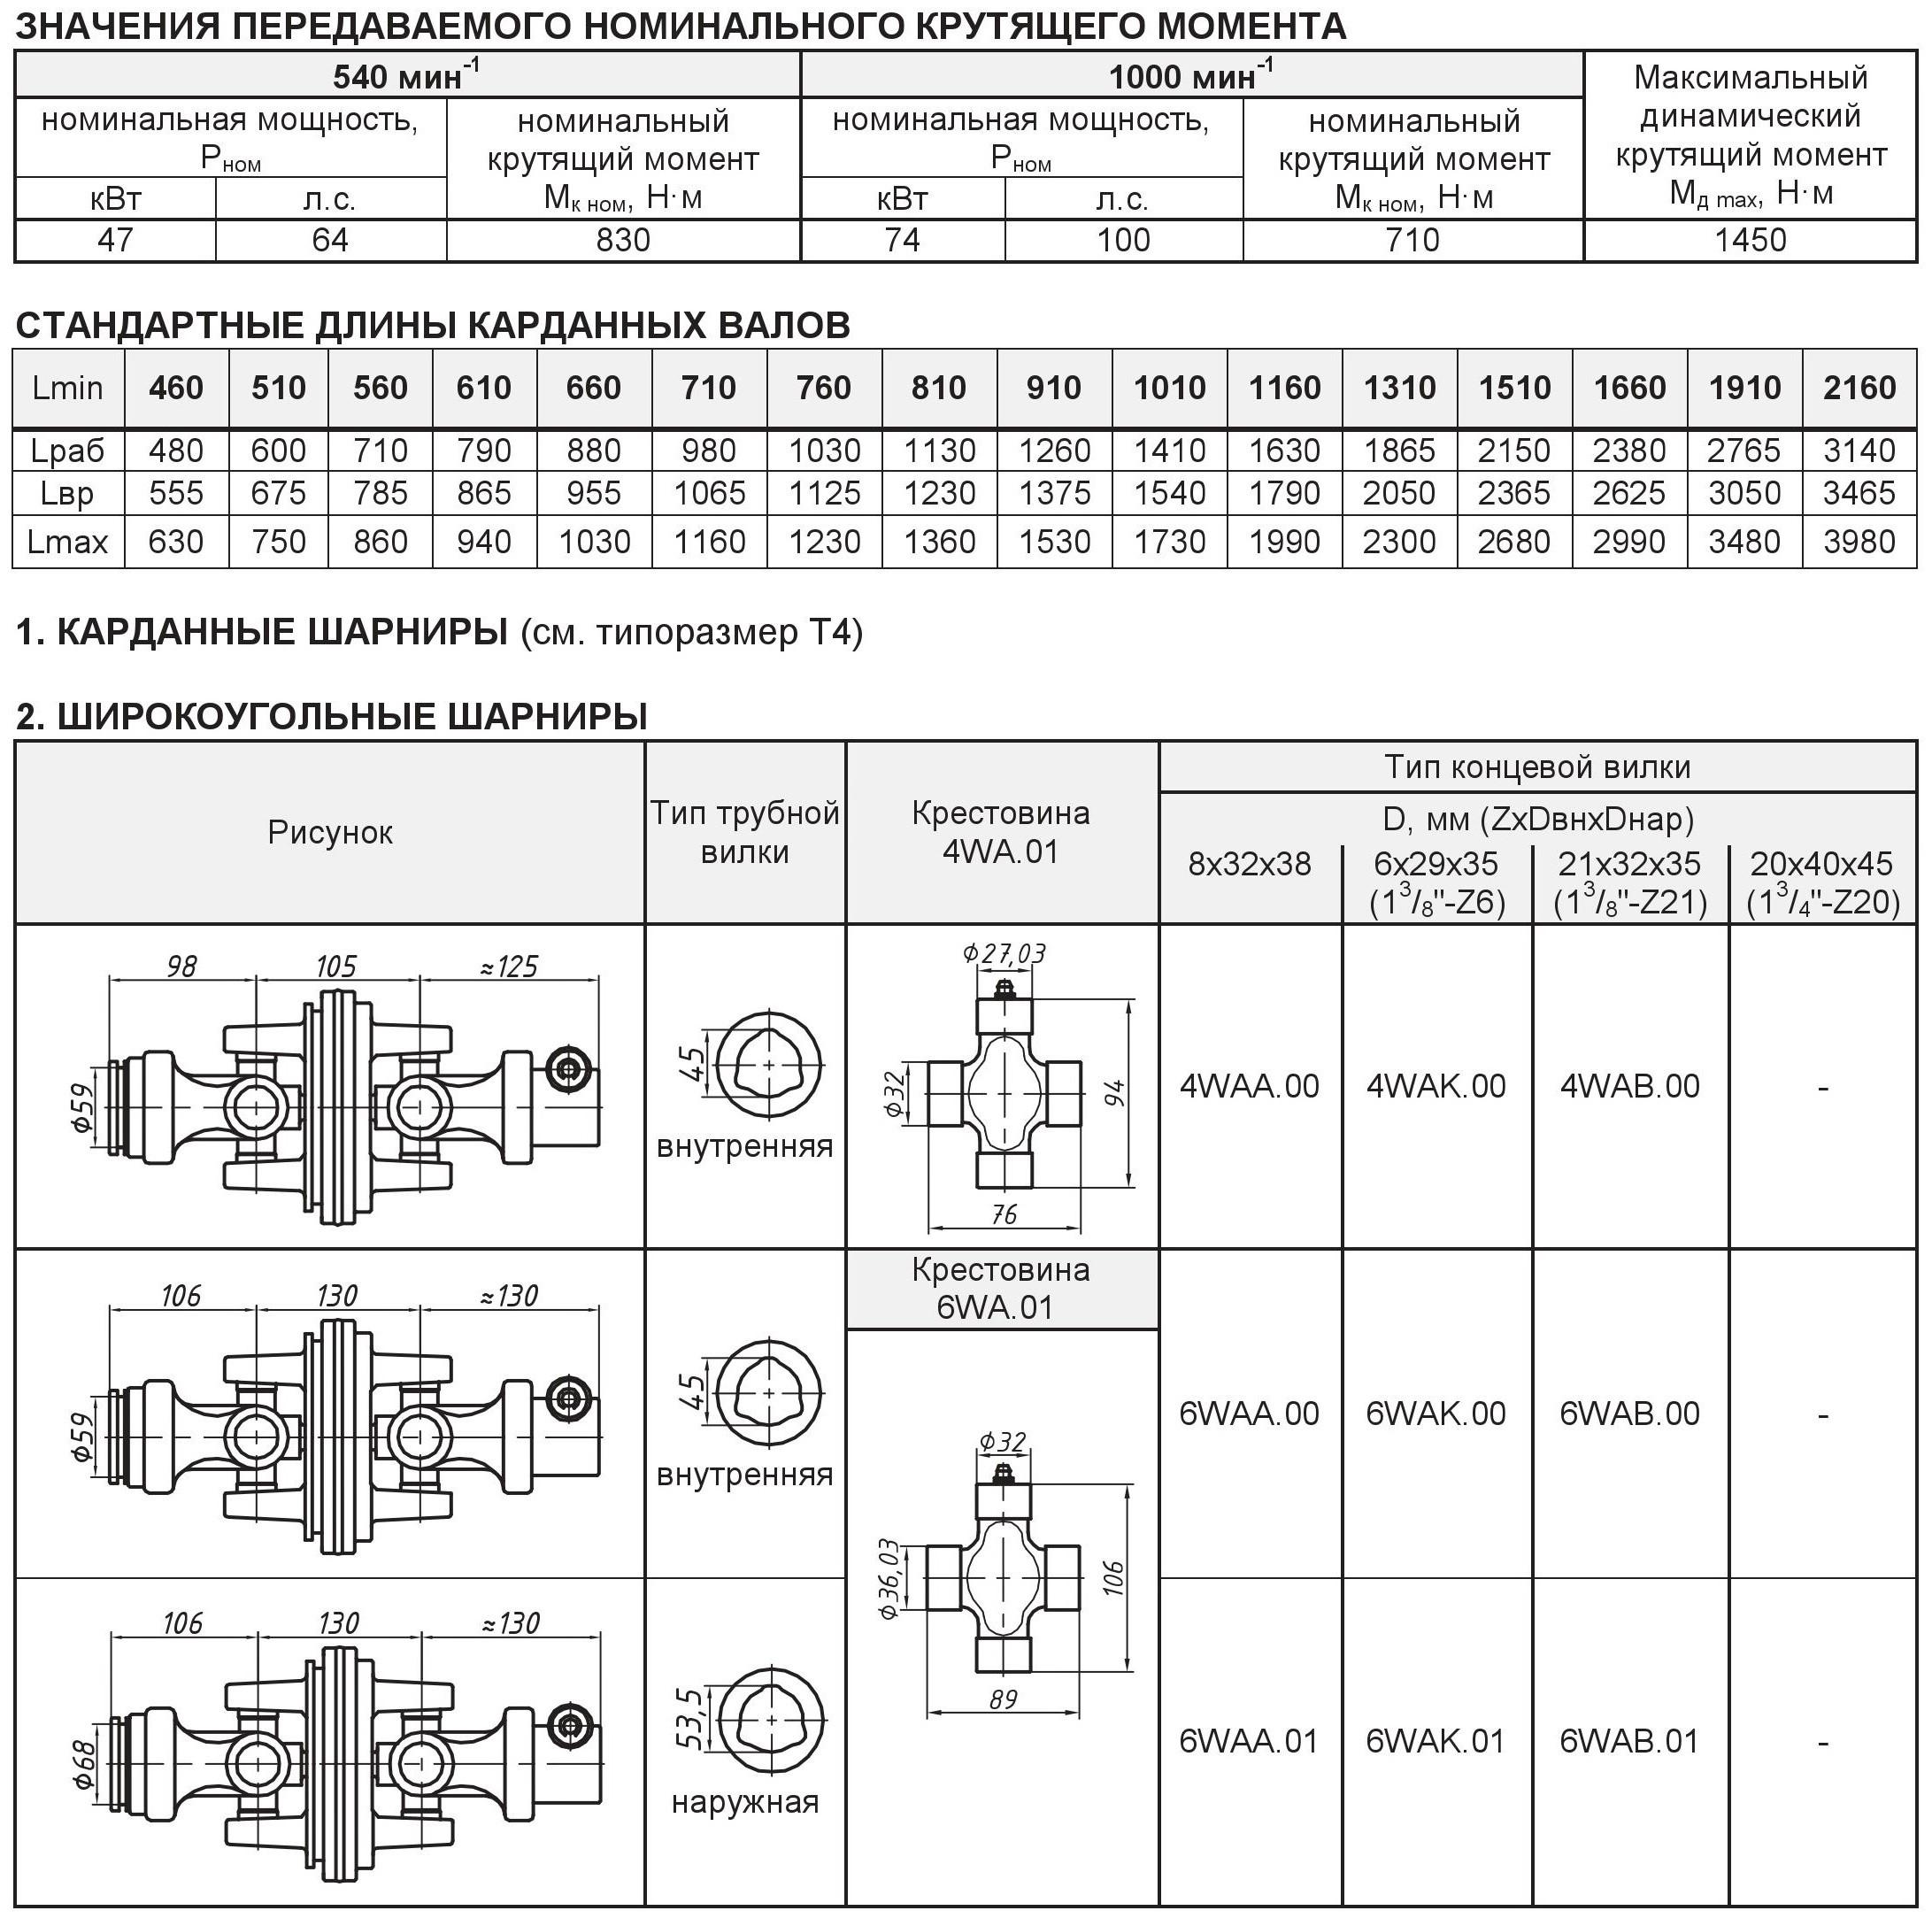 Варианты концевых элементов для карданных валов (карданов) типа Т5